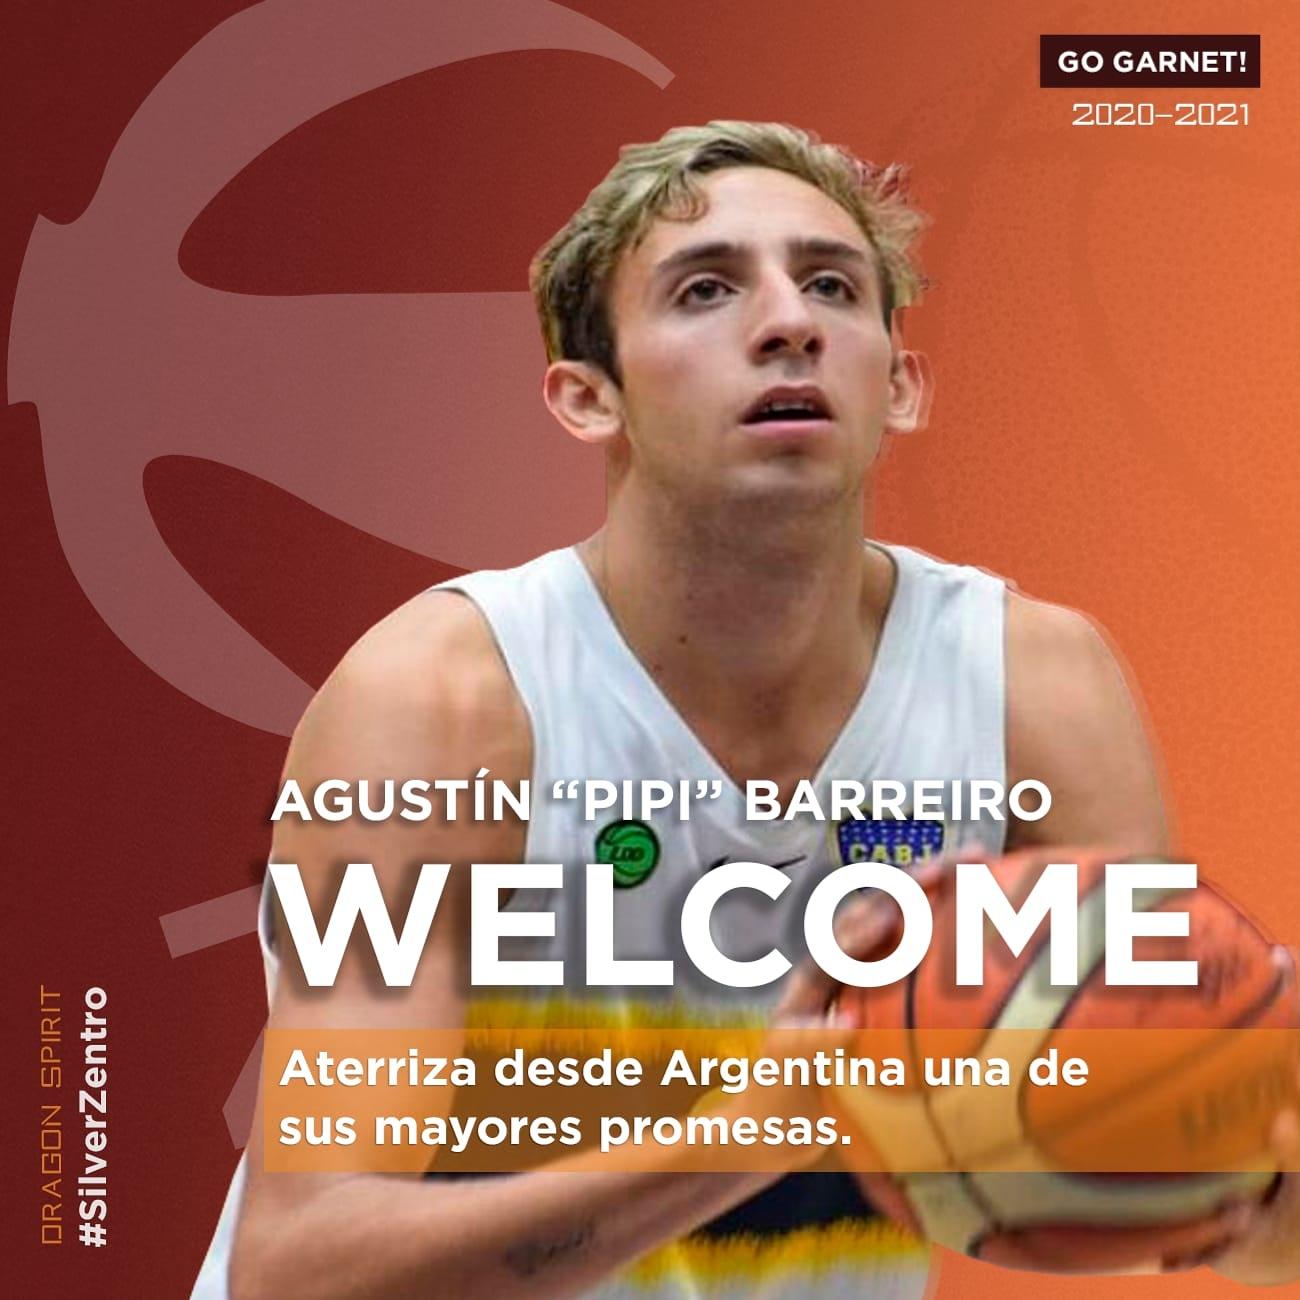 Así fue presentado por Zentro Basket Madrid.